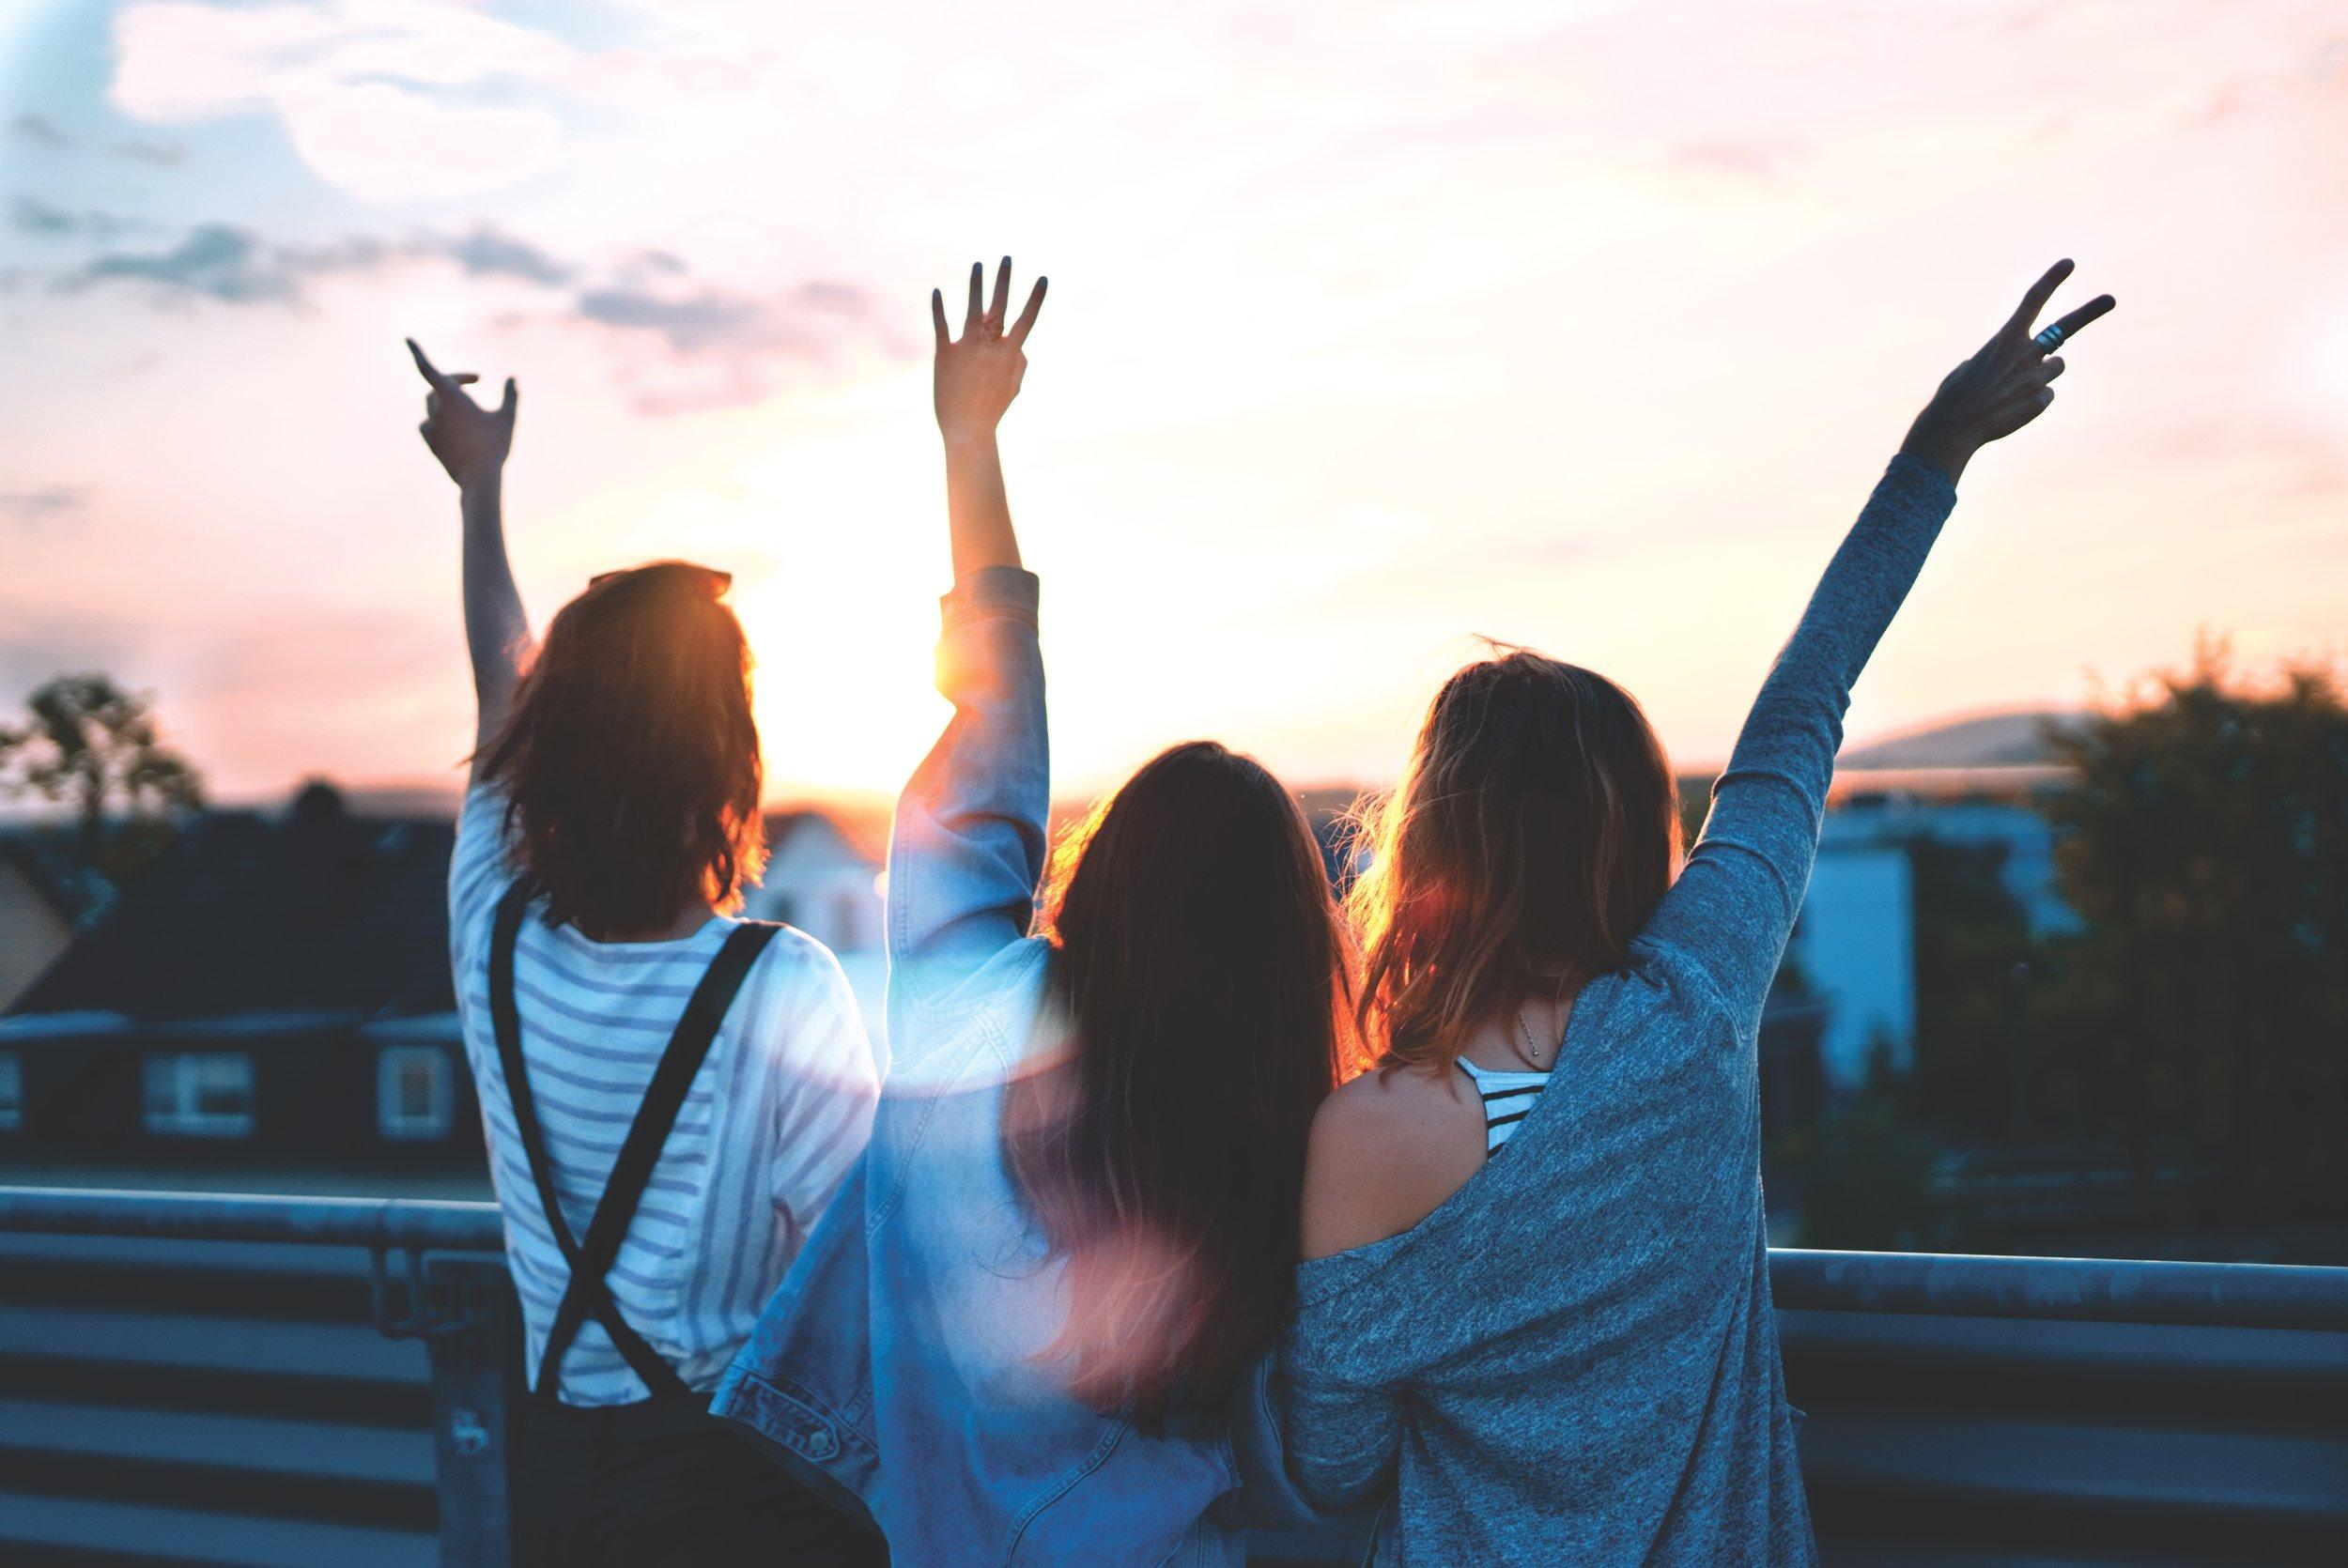 La Fondation Tourisme Jeunesse fait la promotion du voyage auprès des jeunes afin de les encourager à réaliser des projets contribuant à leur développement personnel et professionnel.